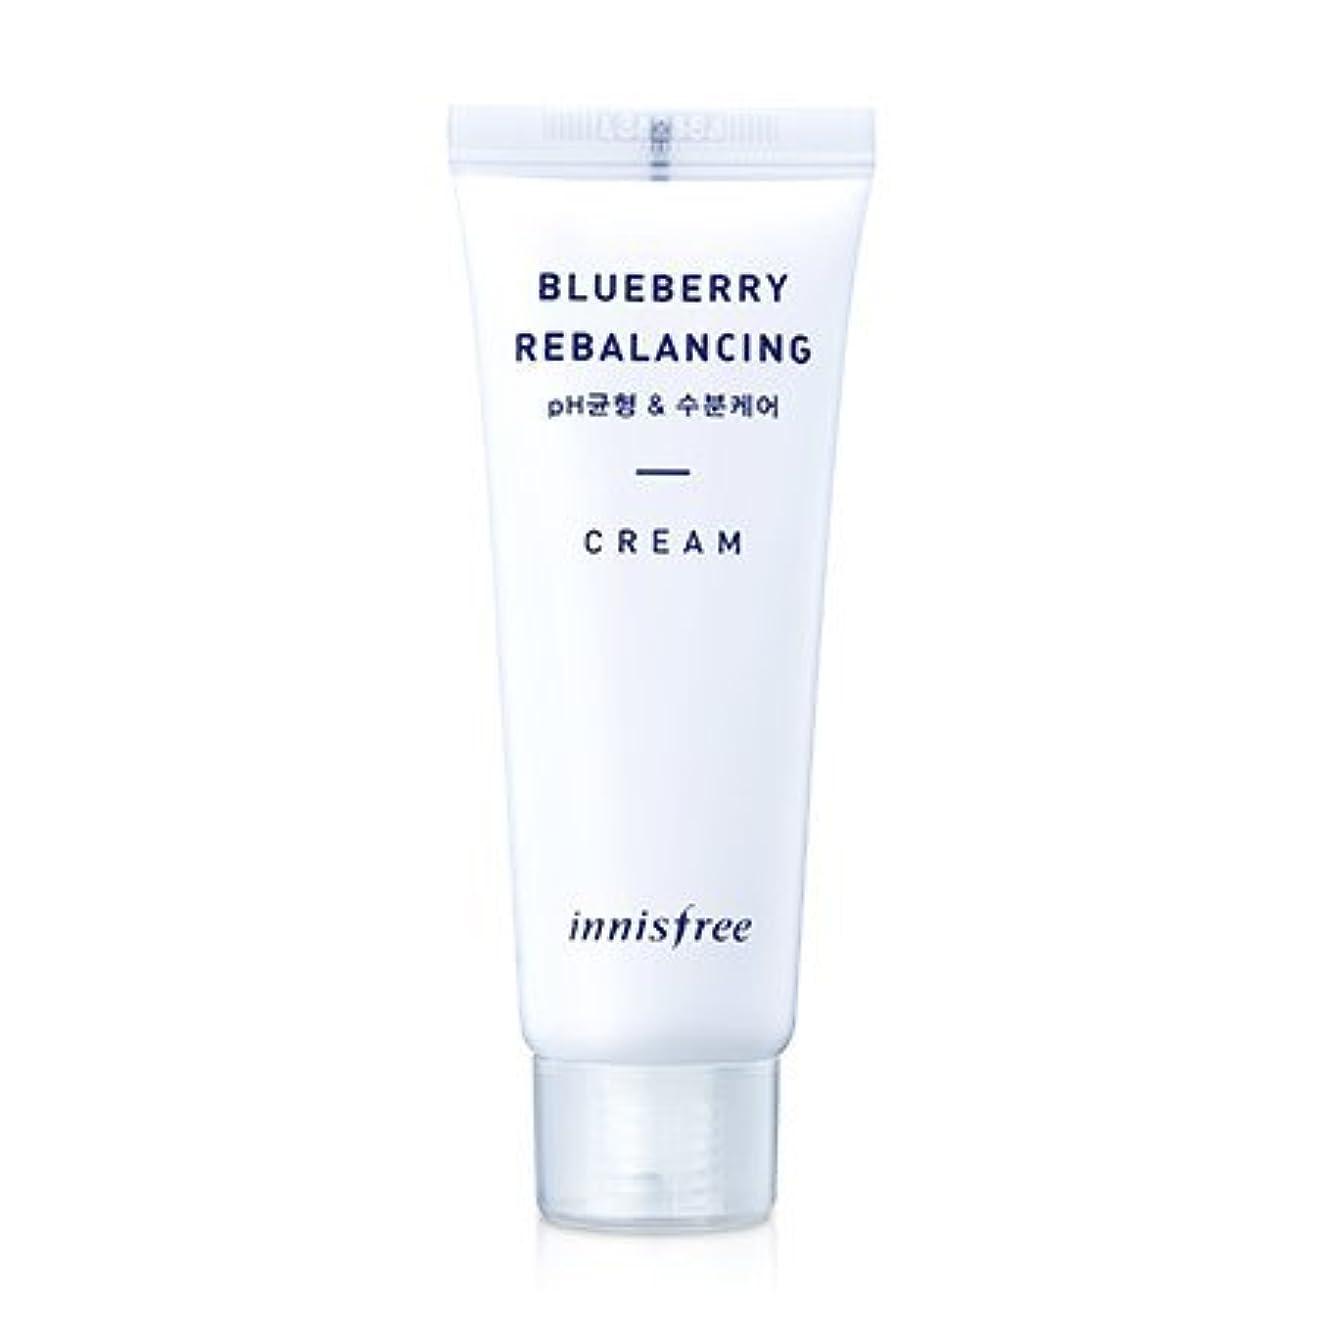 違反するアルバムフレット[innisfree(イニスフリー)] Super food_ Blueberry rebalancing cream (50ml) スーパーフード_ブルーベリーリベルロンシンクリーム[並行輸入品][海外直送品]